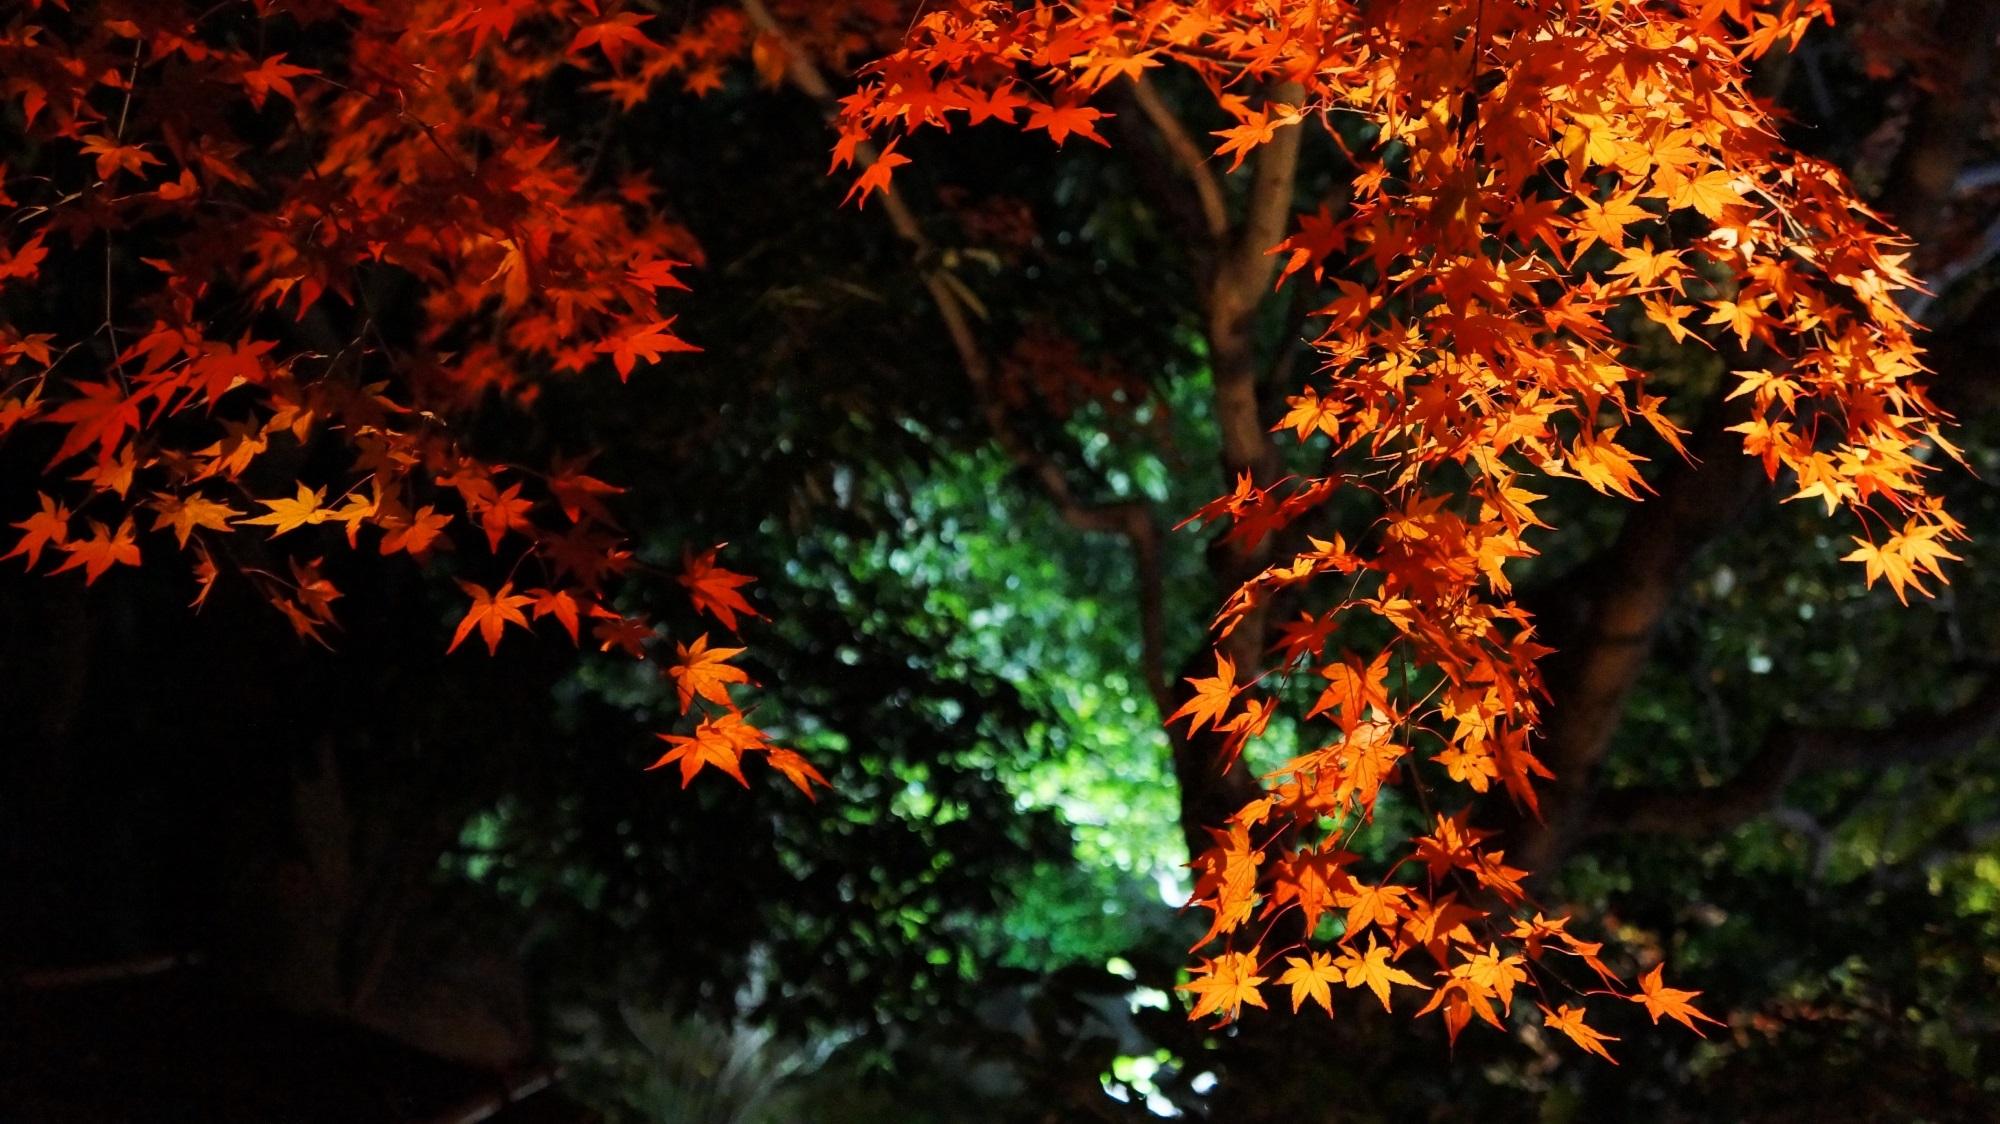 高台寺 圓徳院 紅葉 ライトアップ 艶やかな秋の彩り